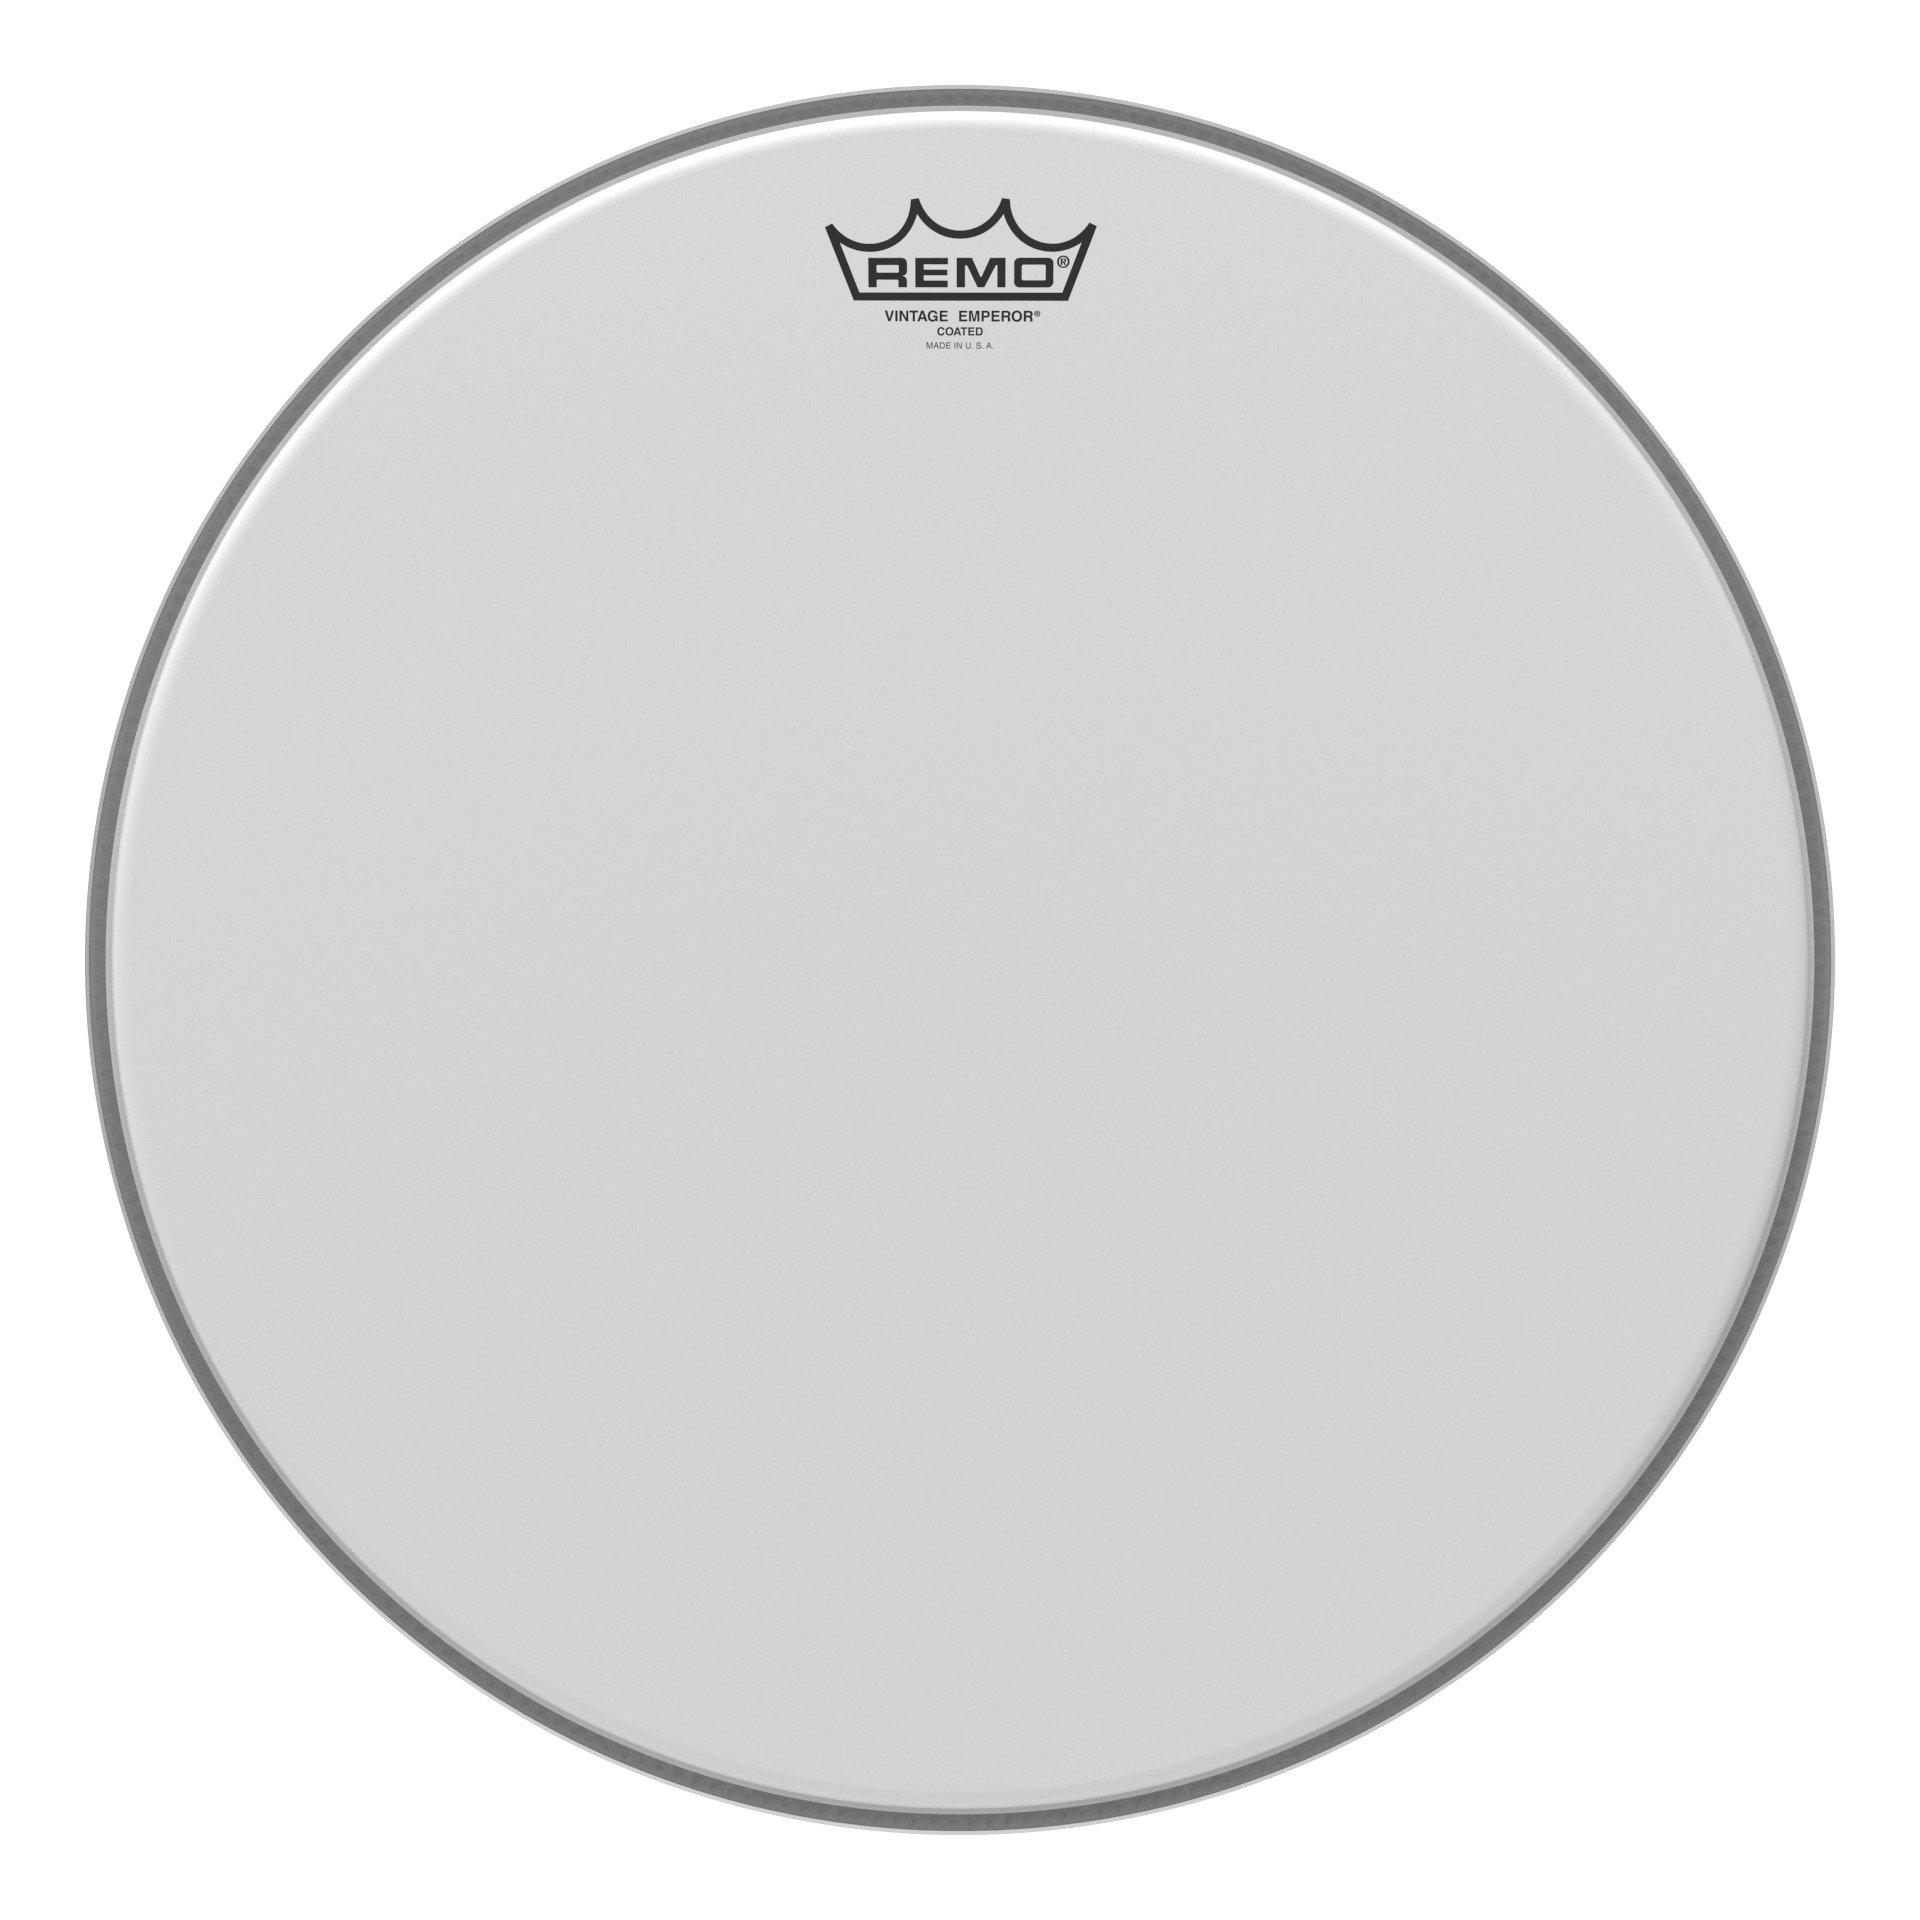 Remo VE0116-00 Vintage Emperor Coated Drum Head (16-Inch)